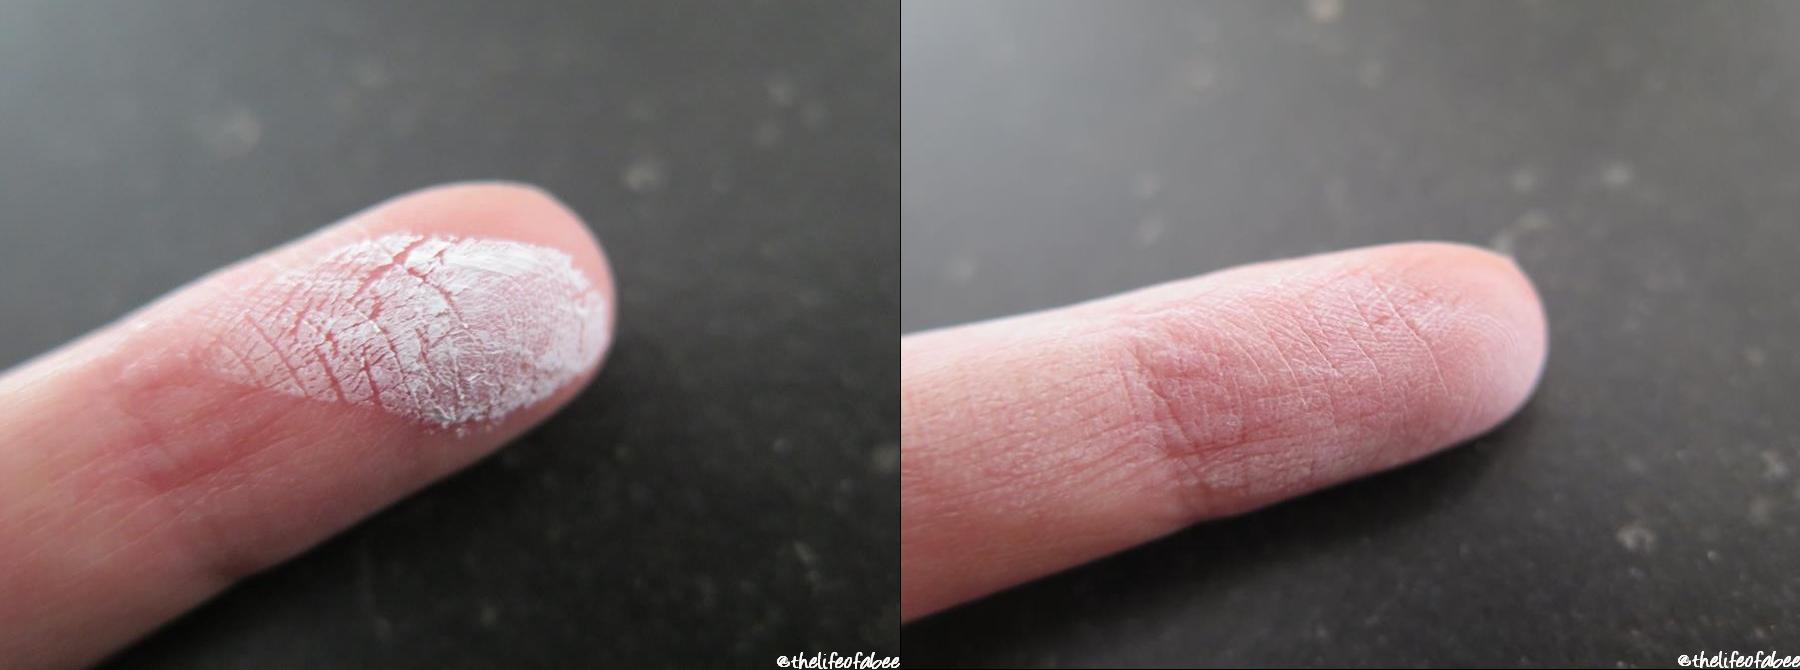 polvere di perla moroccan natural